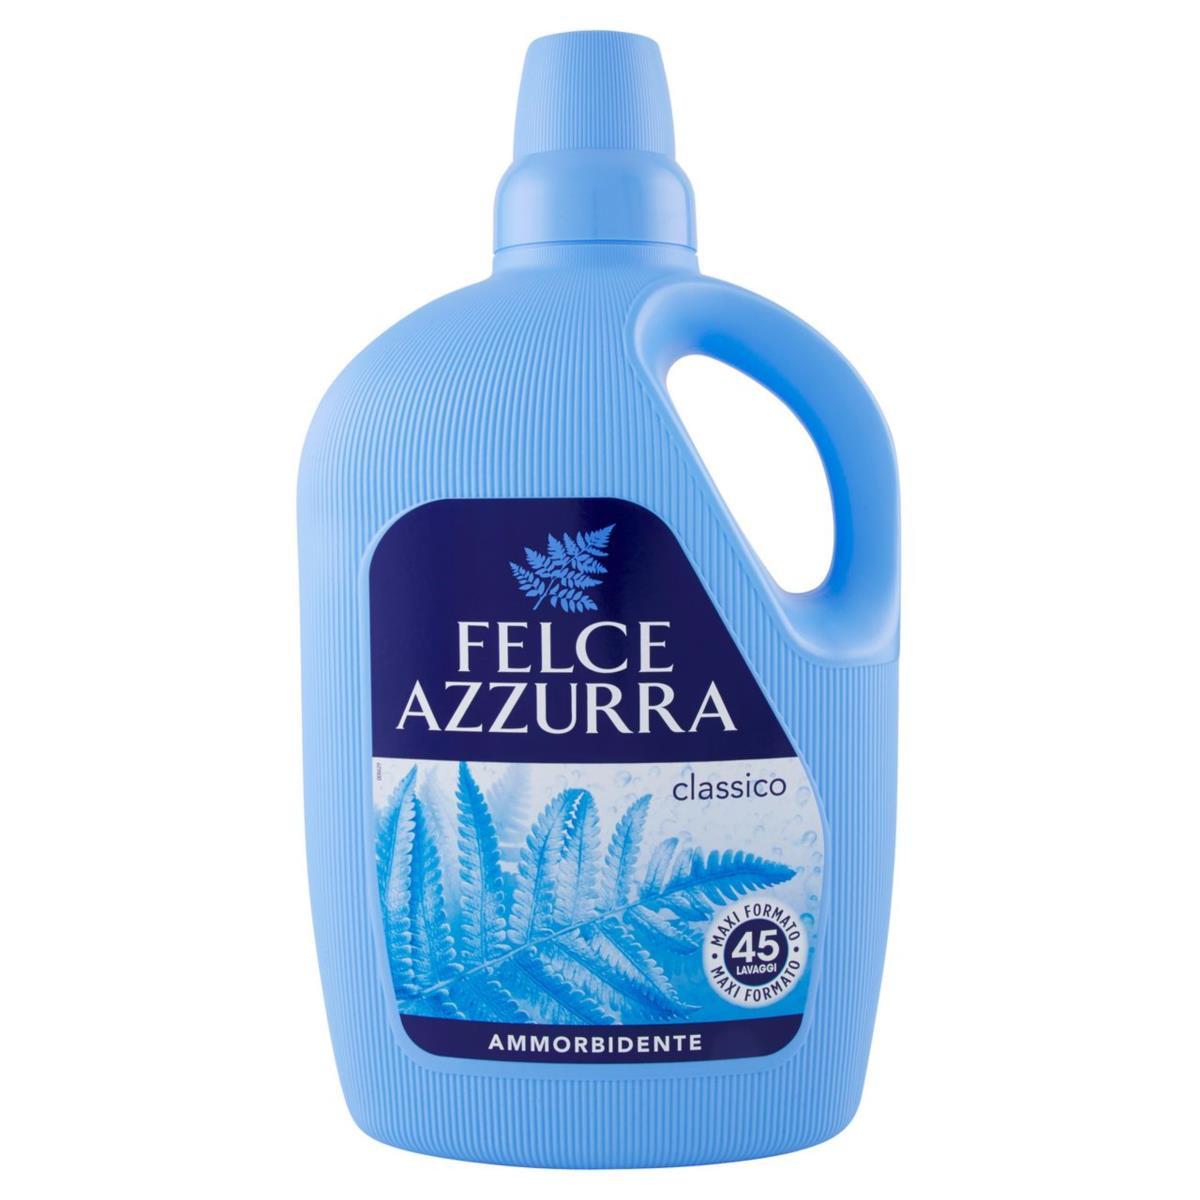 Ammorbidente Classico Felce Azzurra Profumo Inconfondibile 3L